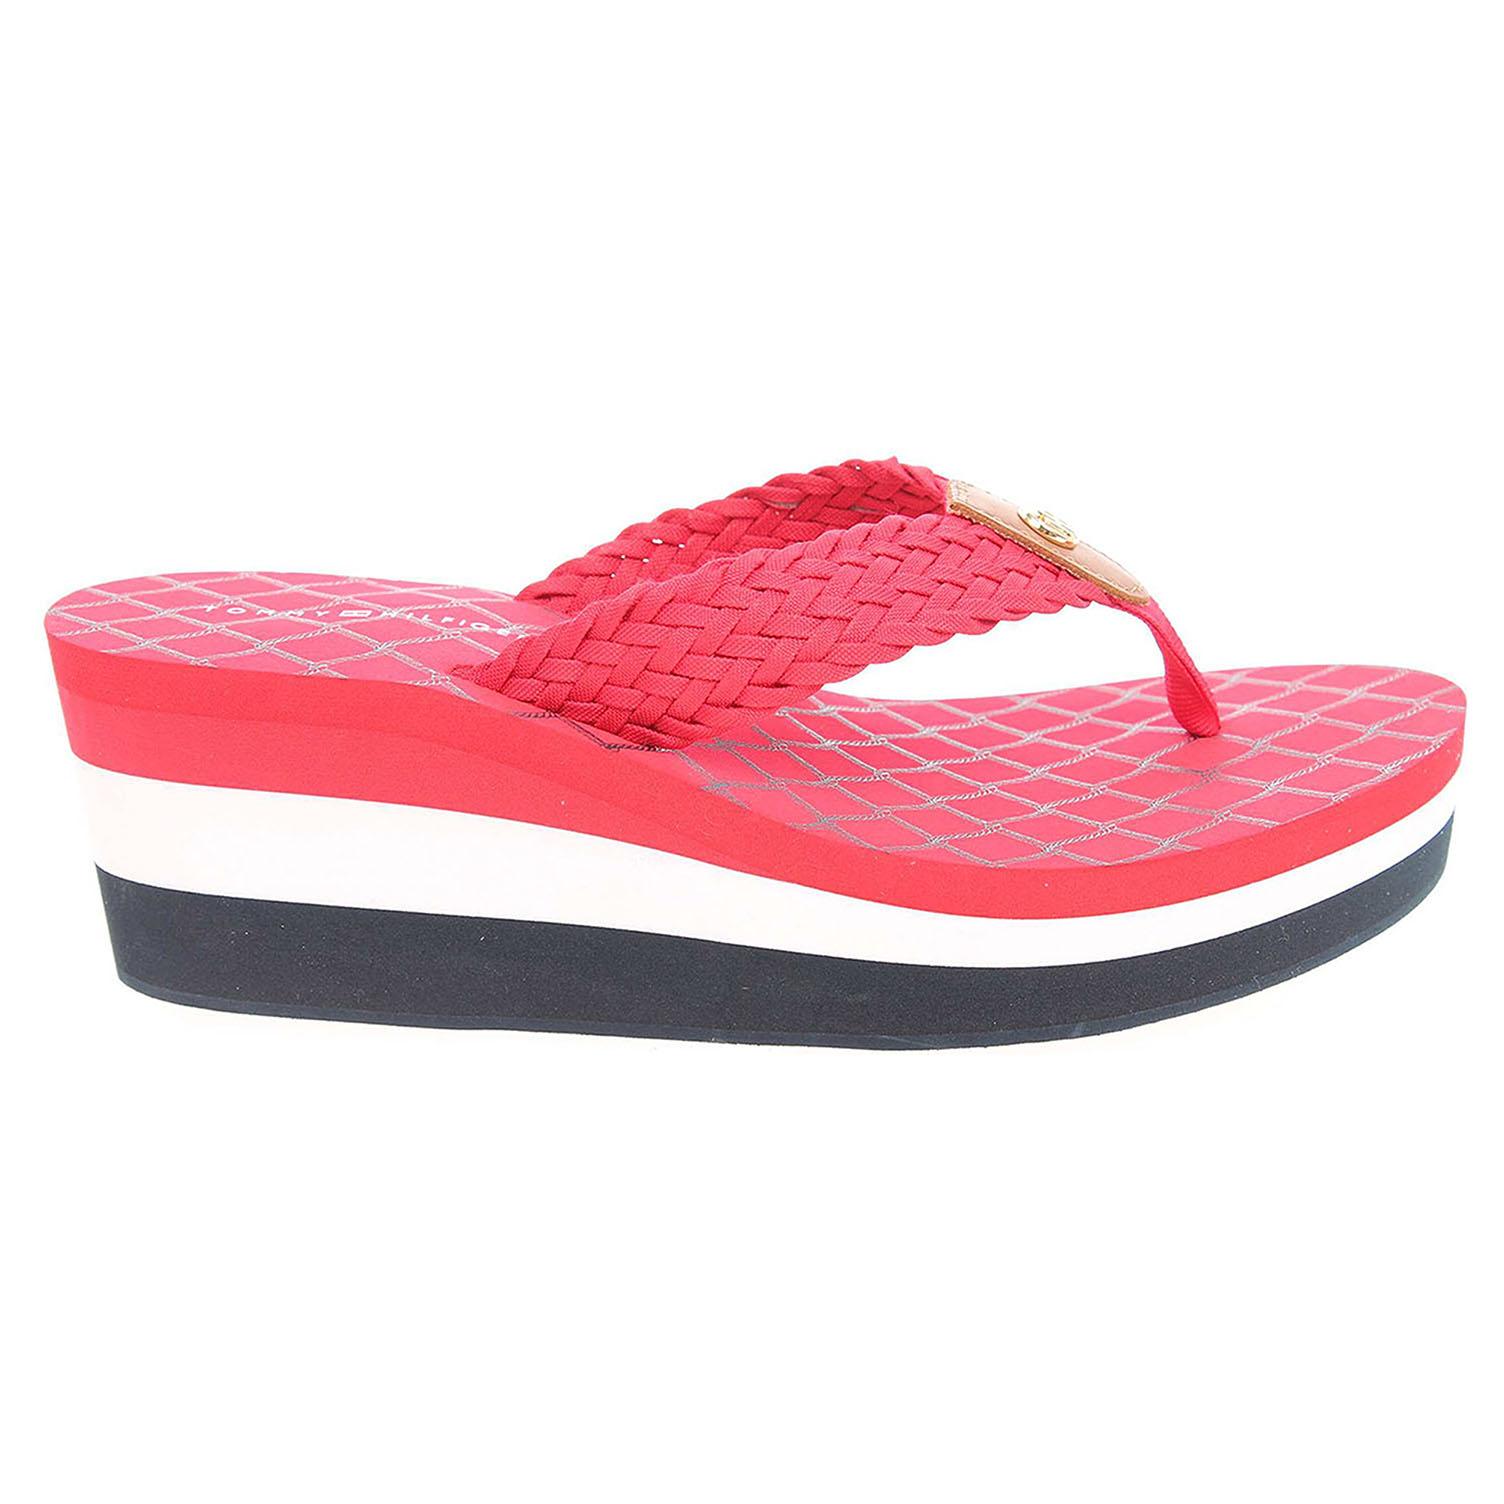 Ecco Tommy Hilfiger dámské pantofle FW0FW00473 M1285ARIAH 3D červené 23700323